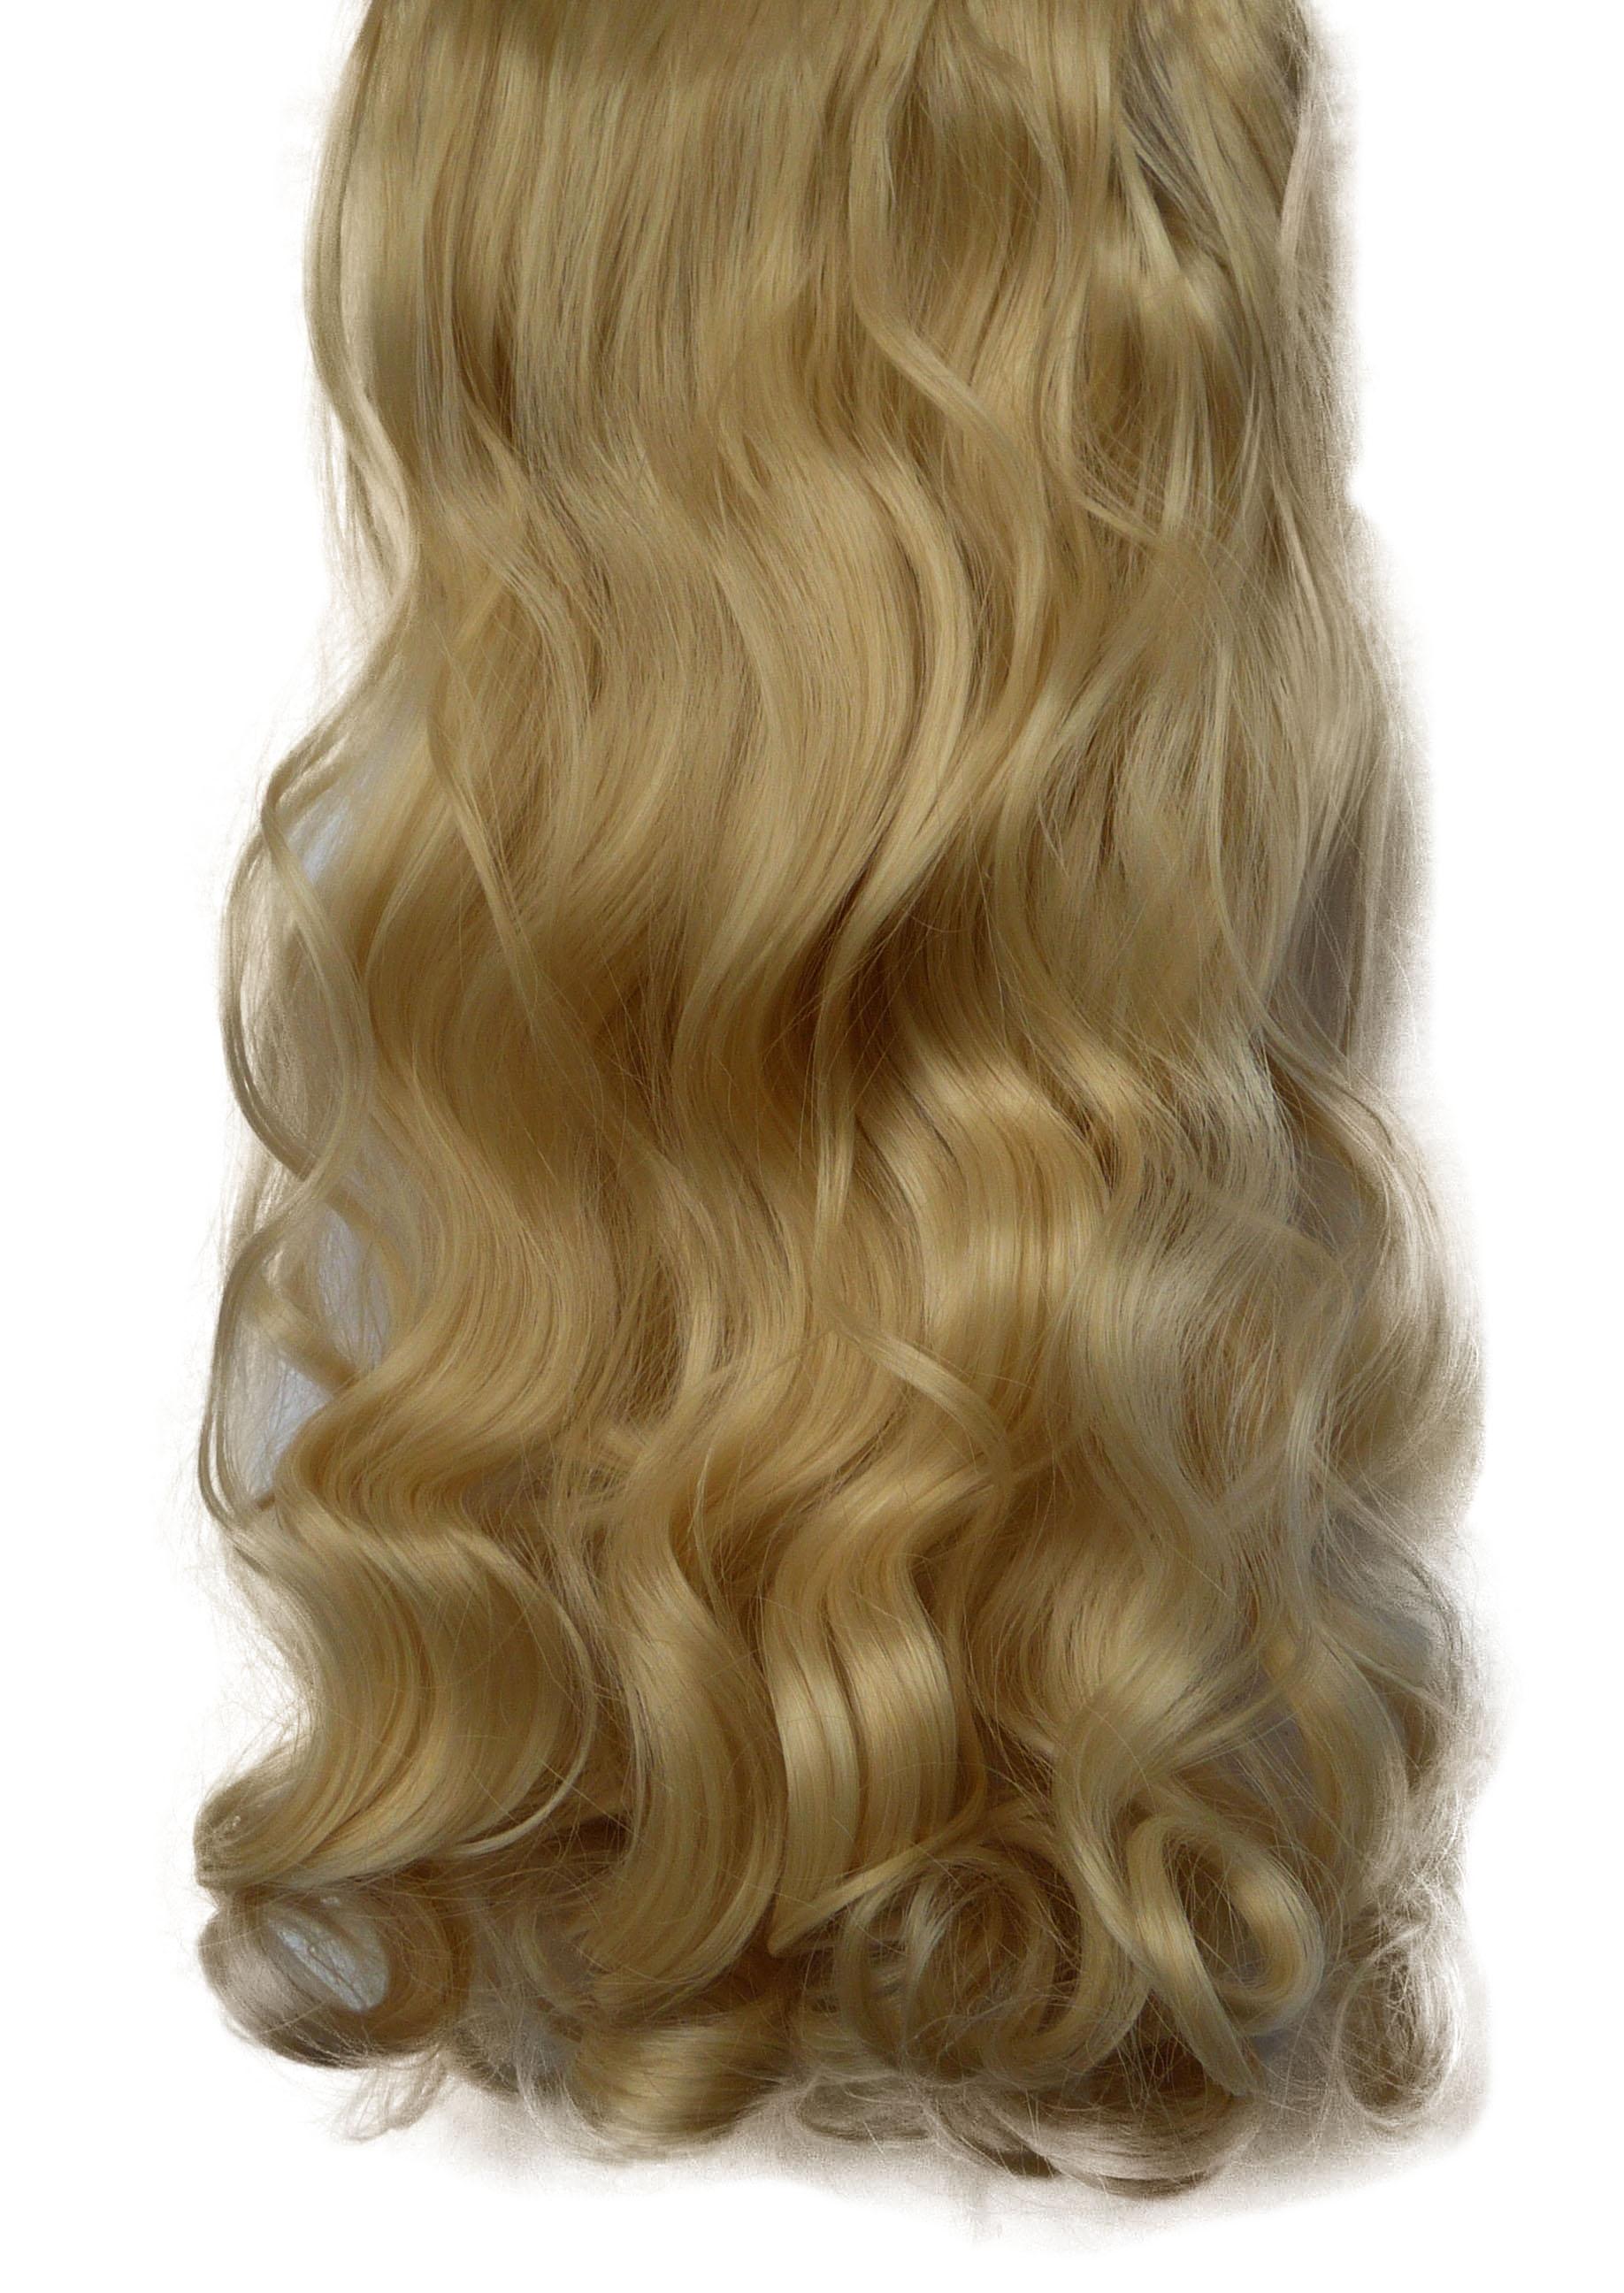 De última generación peinados en ingles Fotos de ideas de color de pelo - Pelo rubio y rizado en ingles traduccion - Peinados y ...